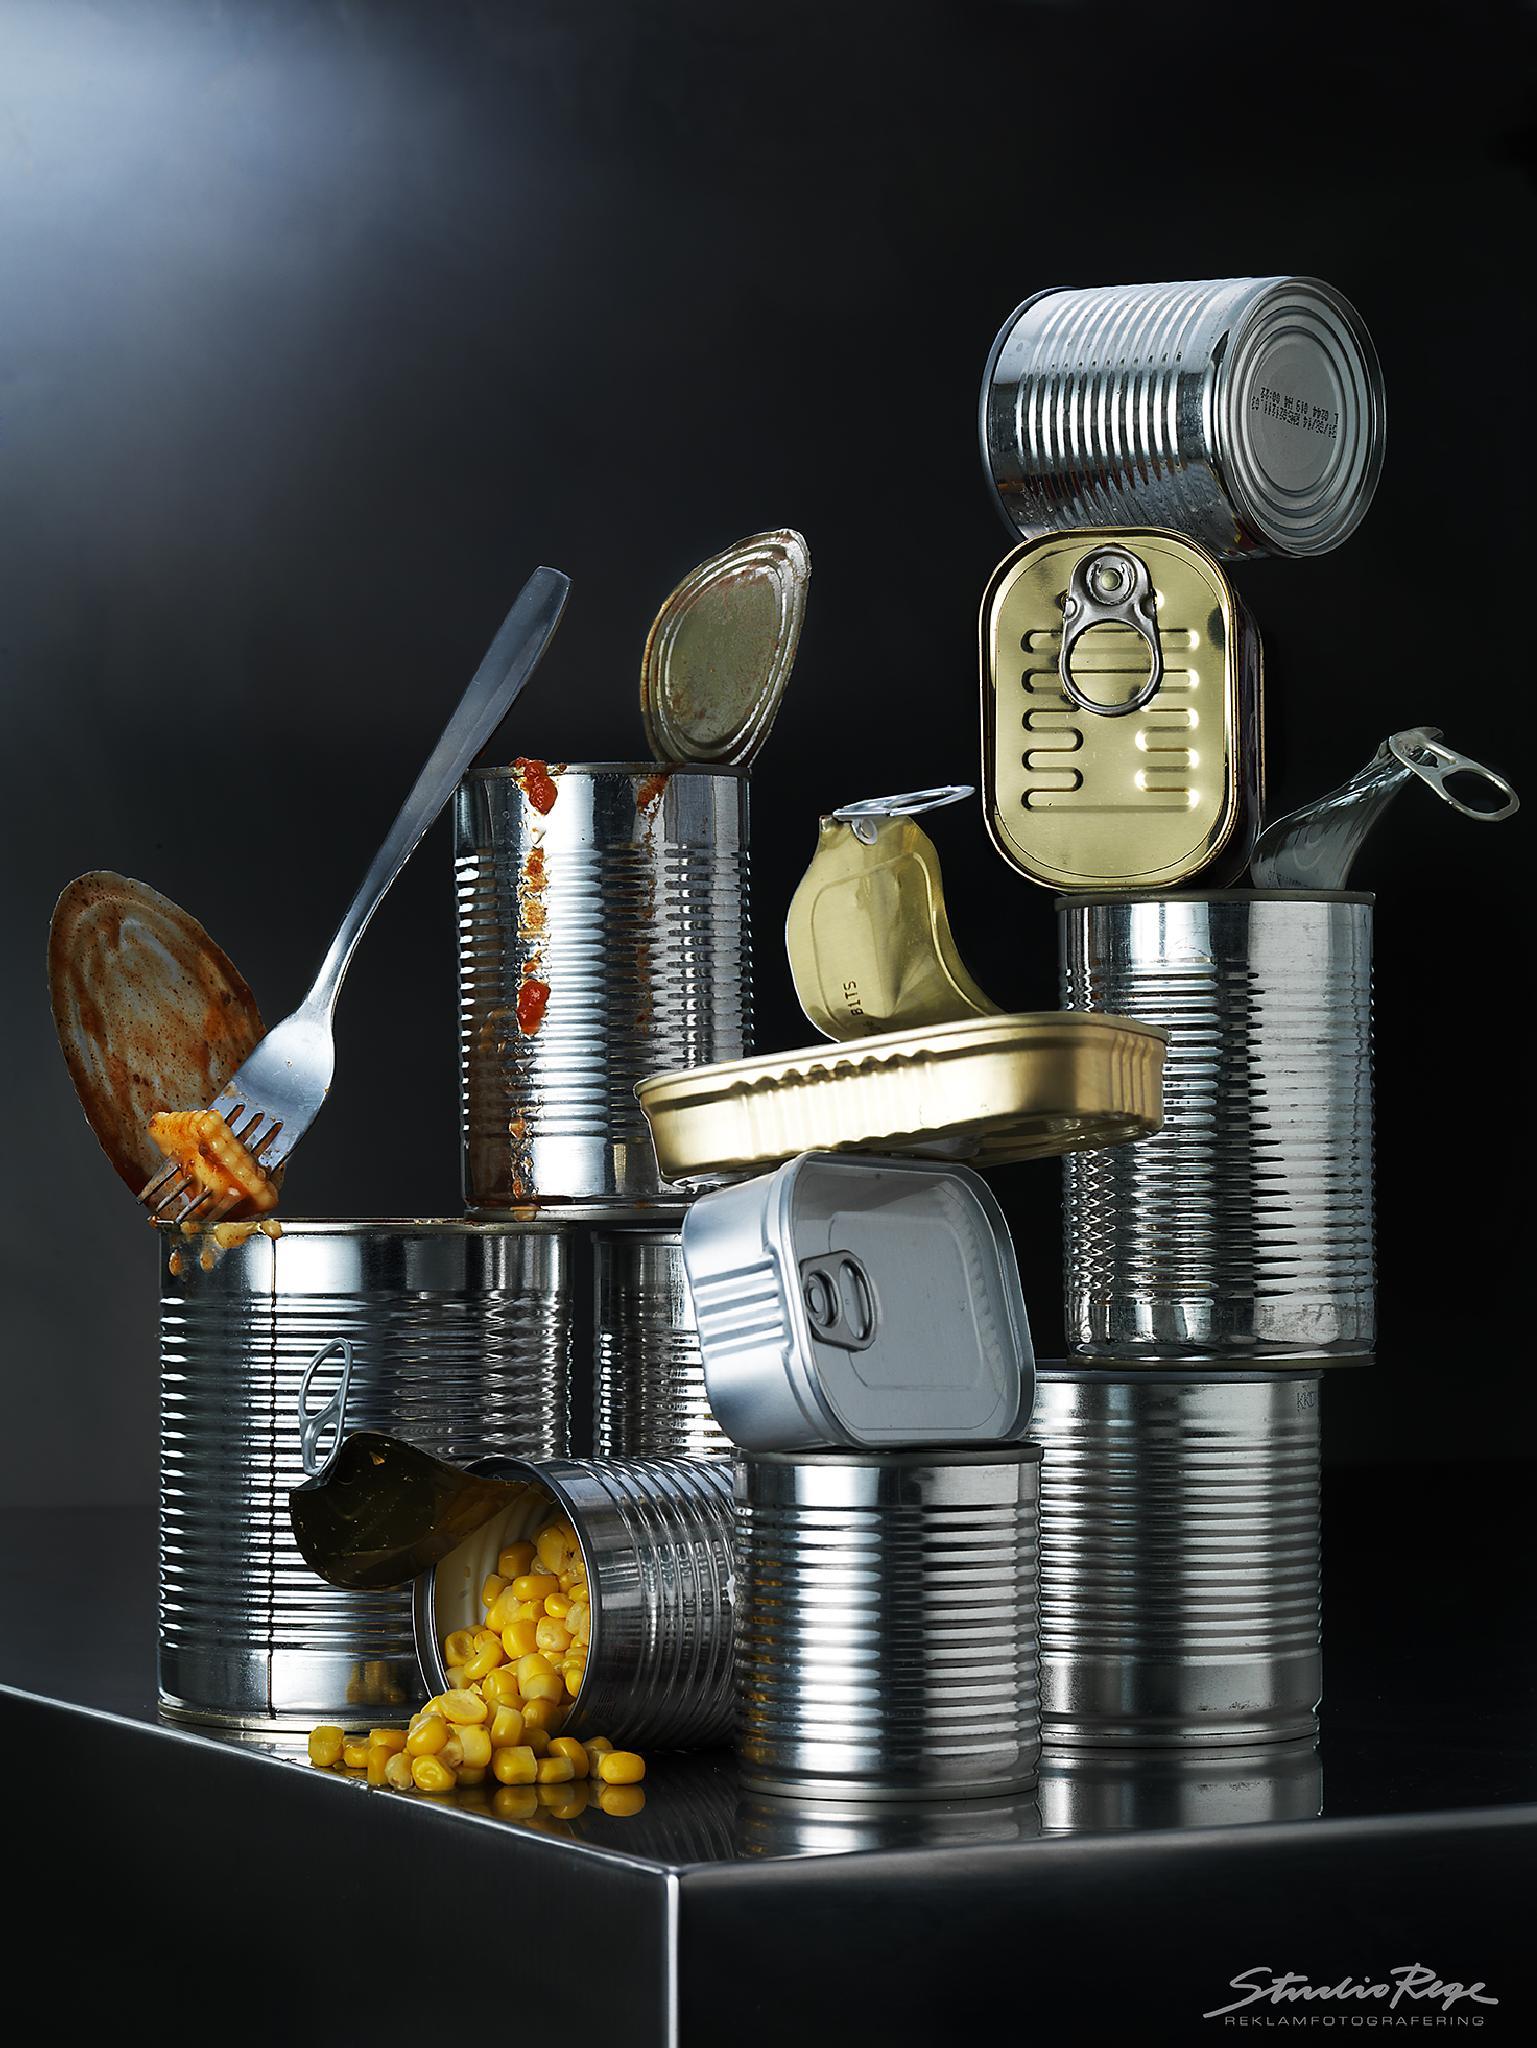 Canned Food by fredrik.rege.5